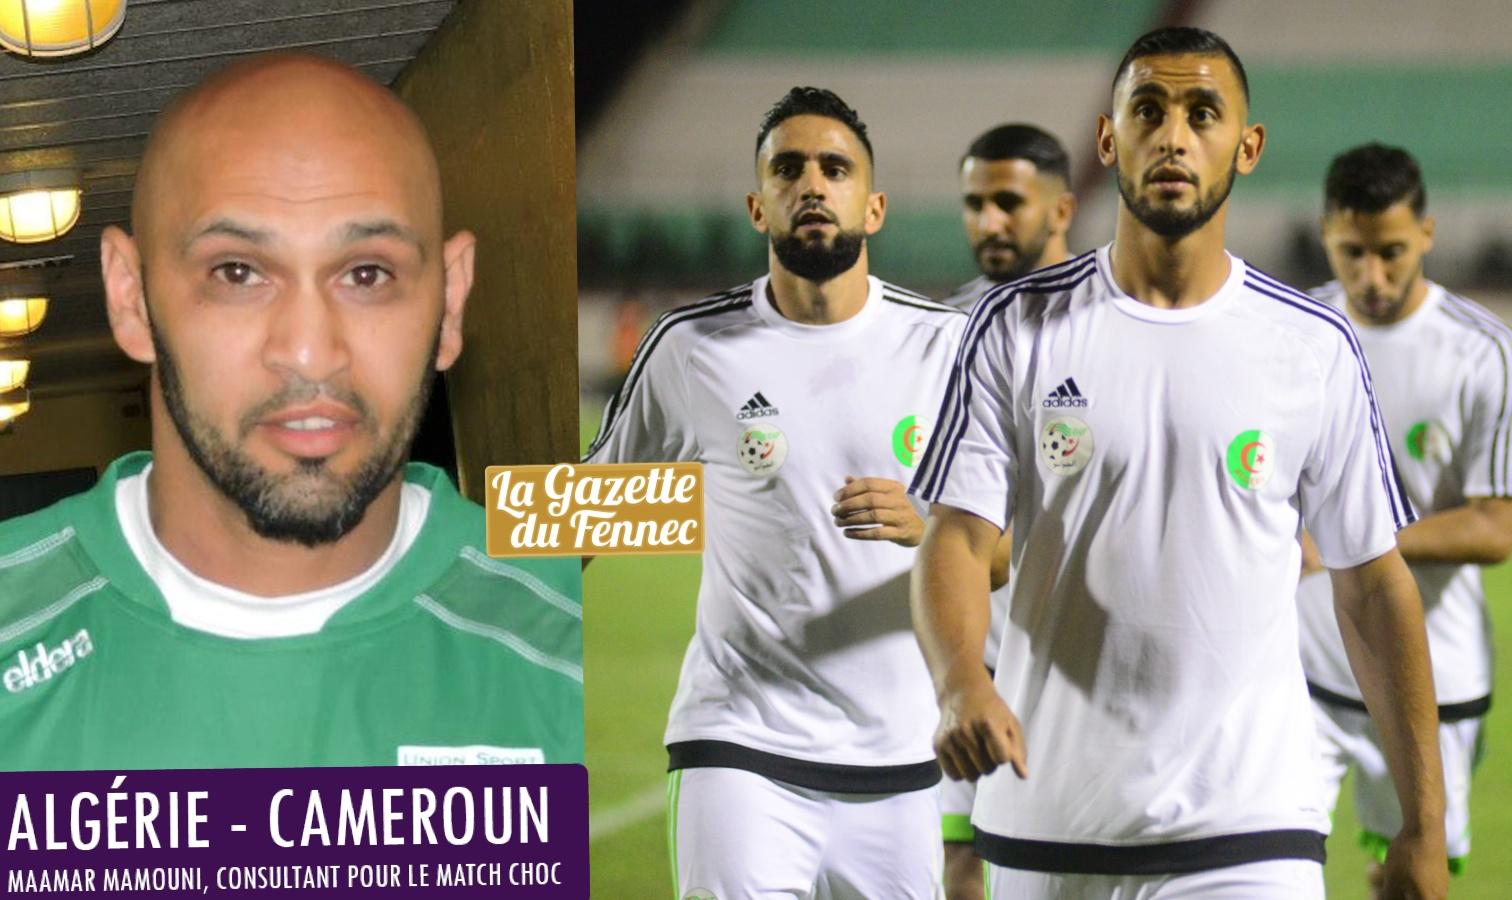 mamouni-cameroun-interview